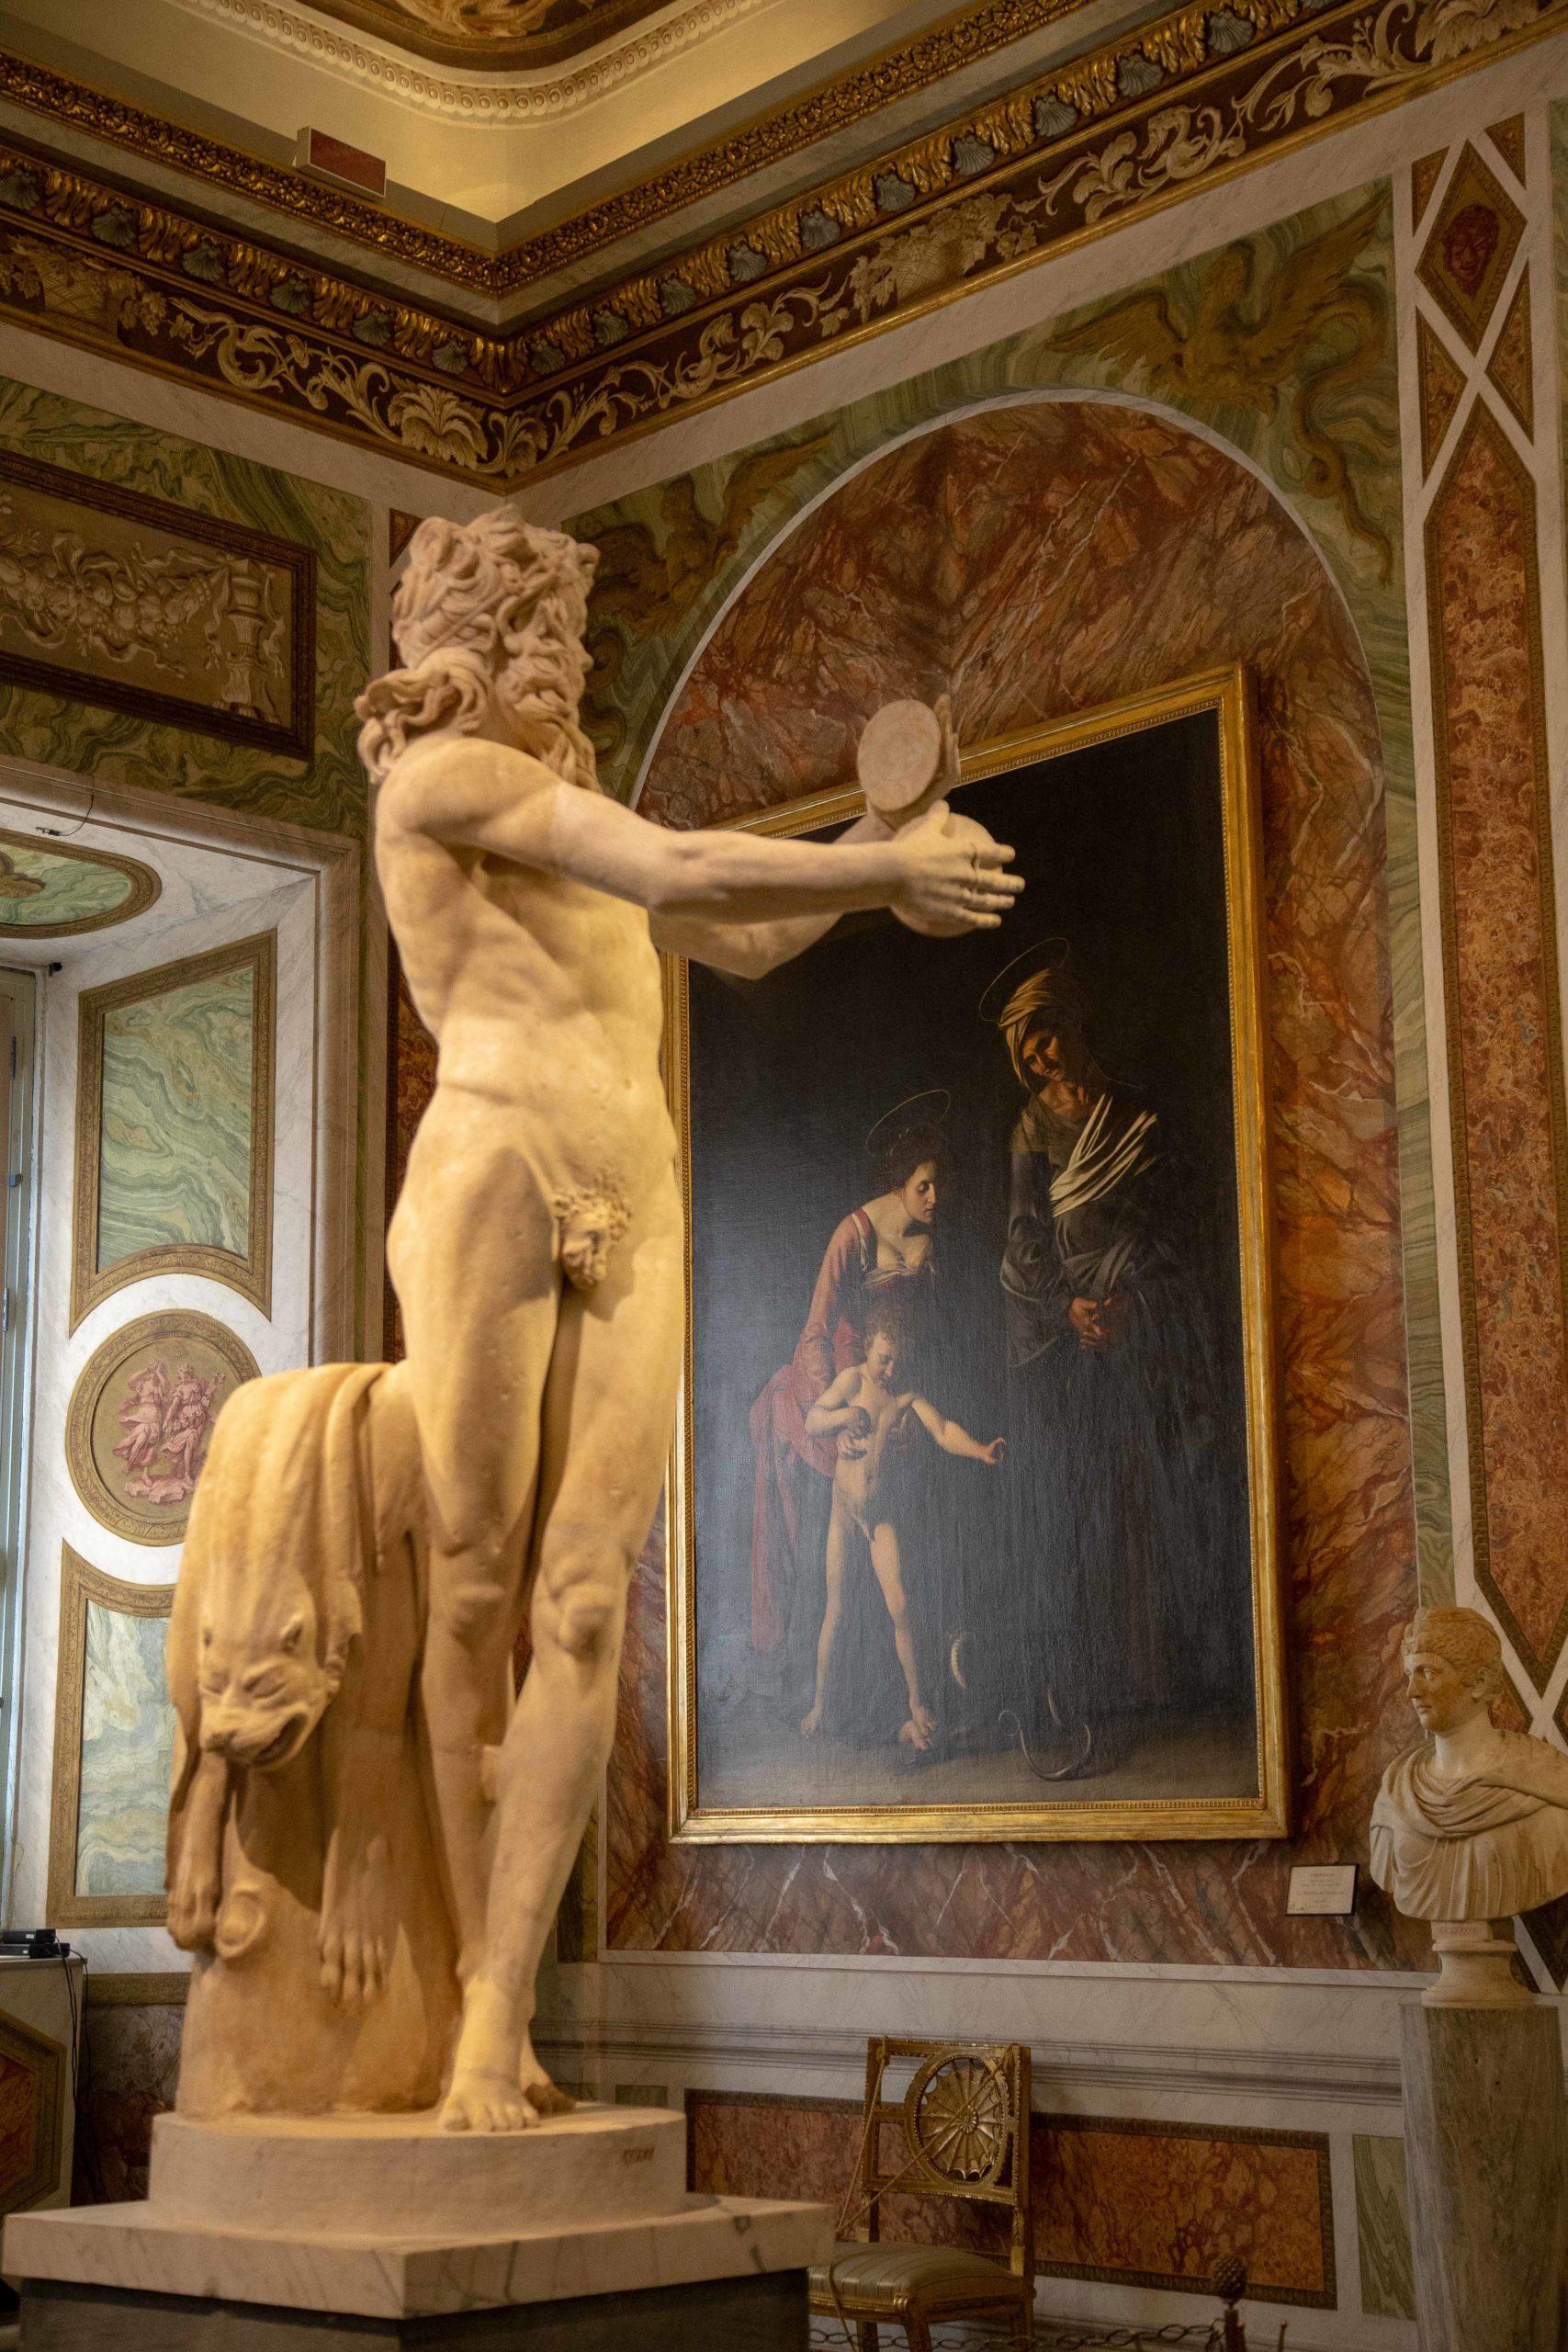 Percorsi per sordi e udenti nella Galleria Borghese, ultimo appuntamento con Caravaggio